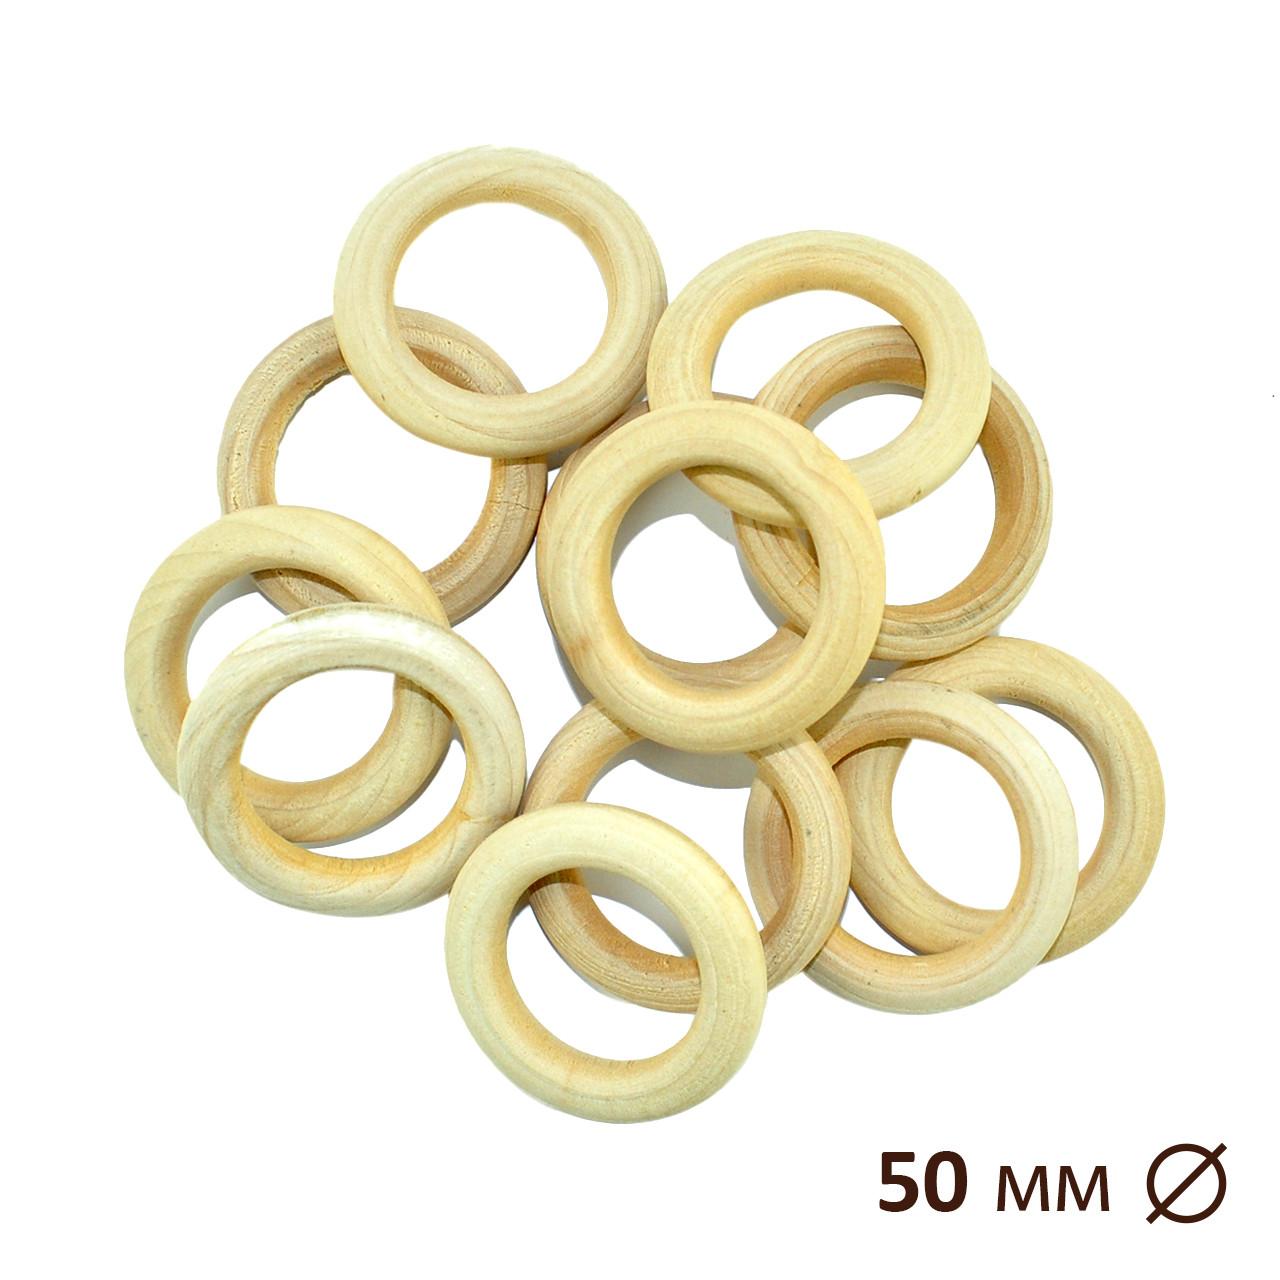 Кільце дерев'яне для макраме, слінгобус Ø 50 мм